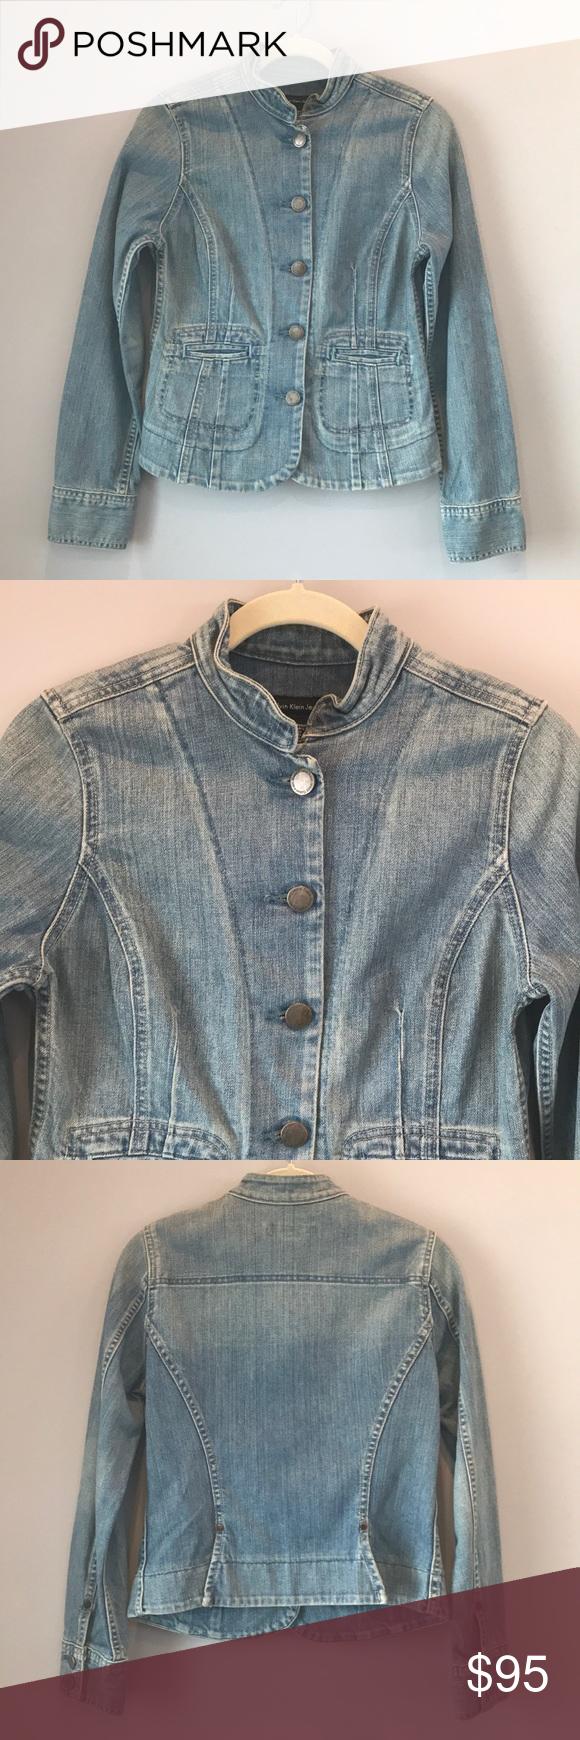 Rare Vintage Calvin Klein Jean Jacket Calvin Klein Jeans Jean Jacket Blazer Jean Jacket